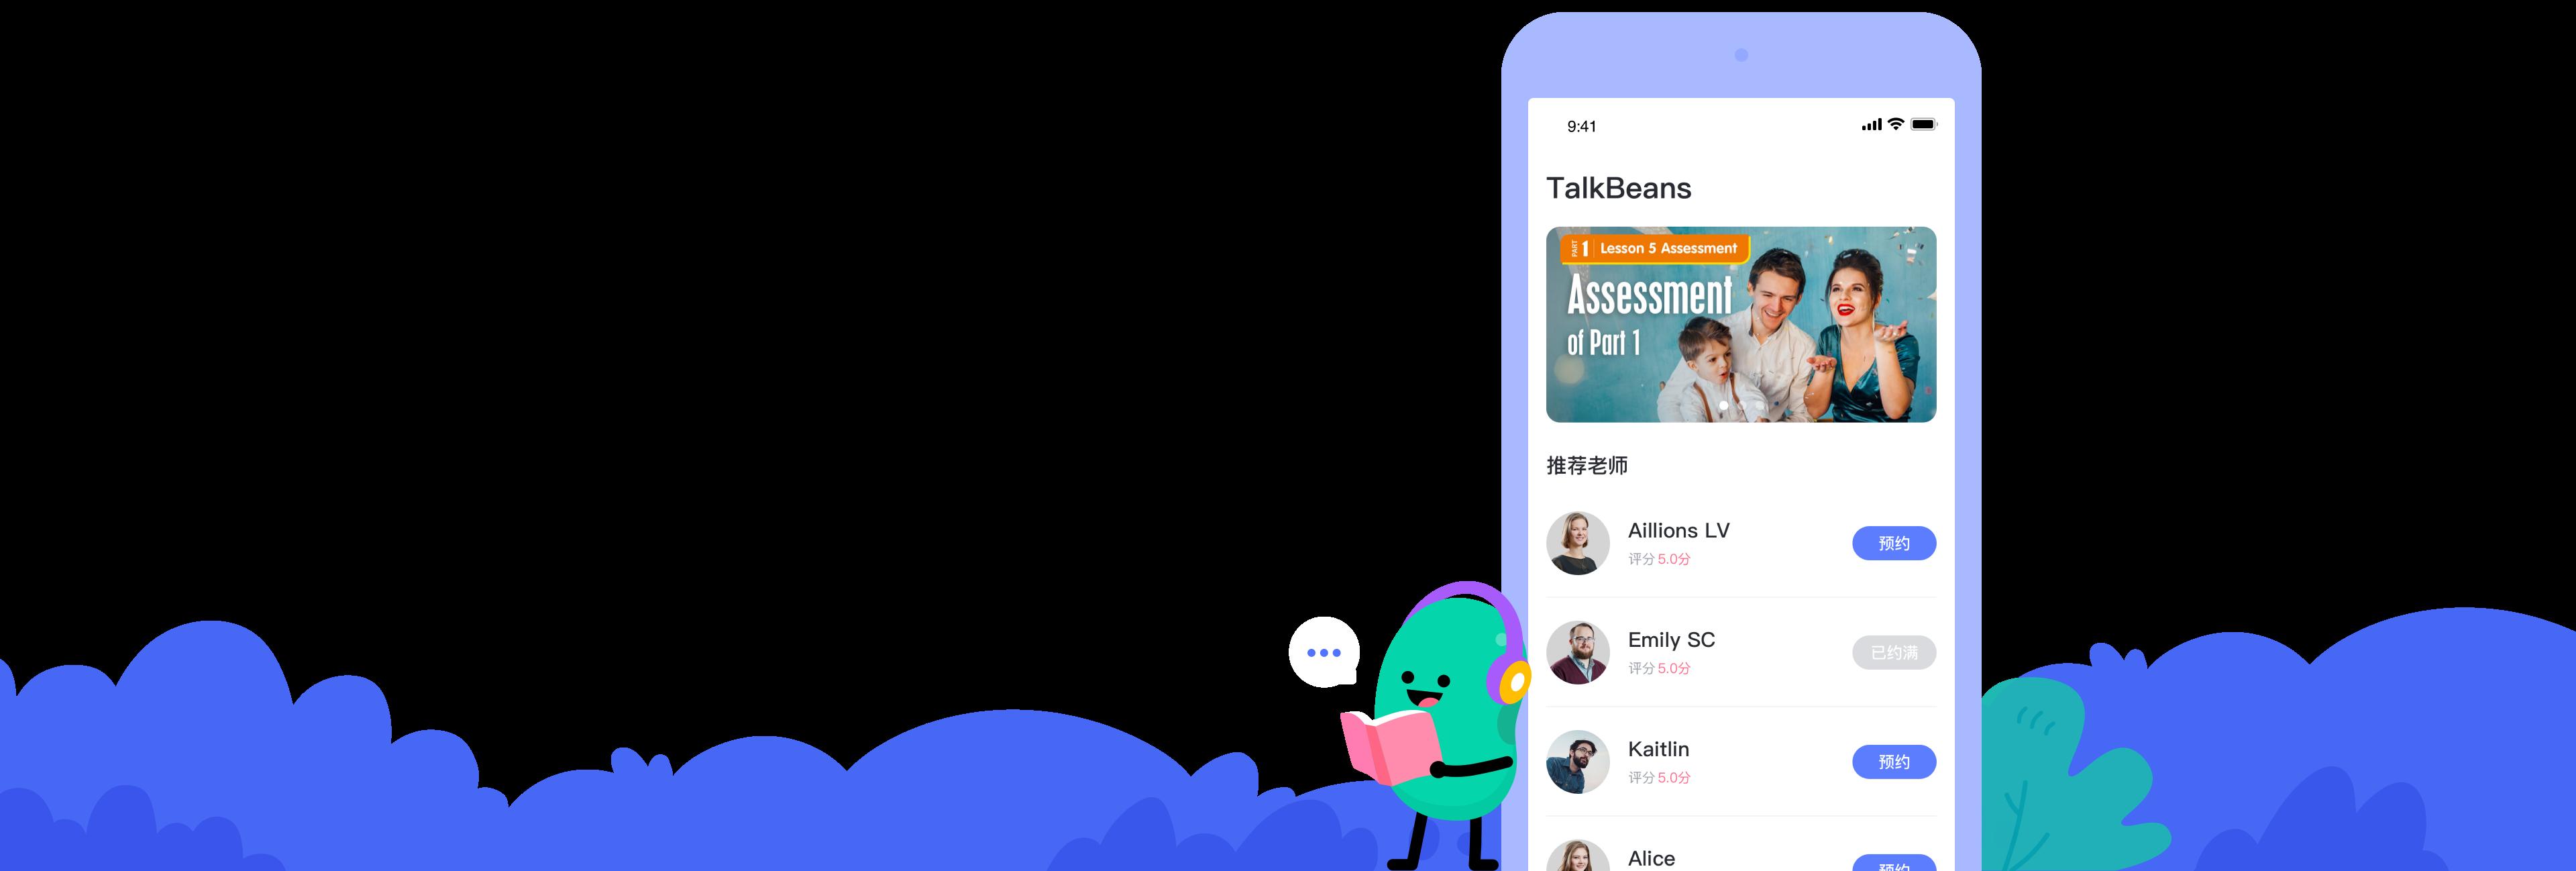 TalkBeans